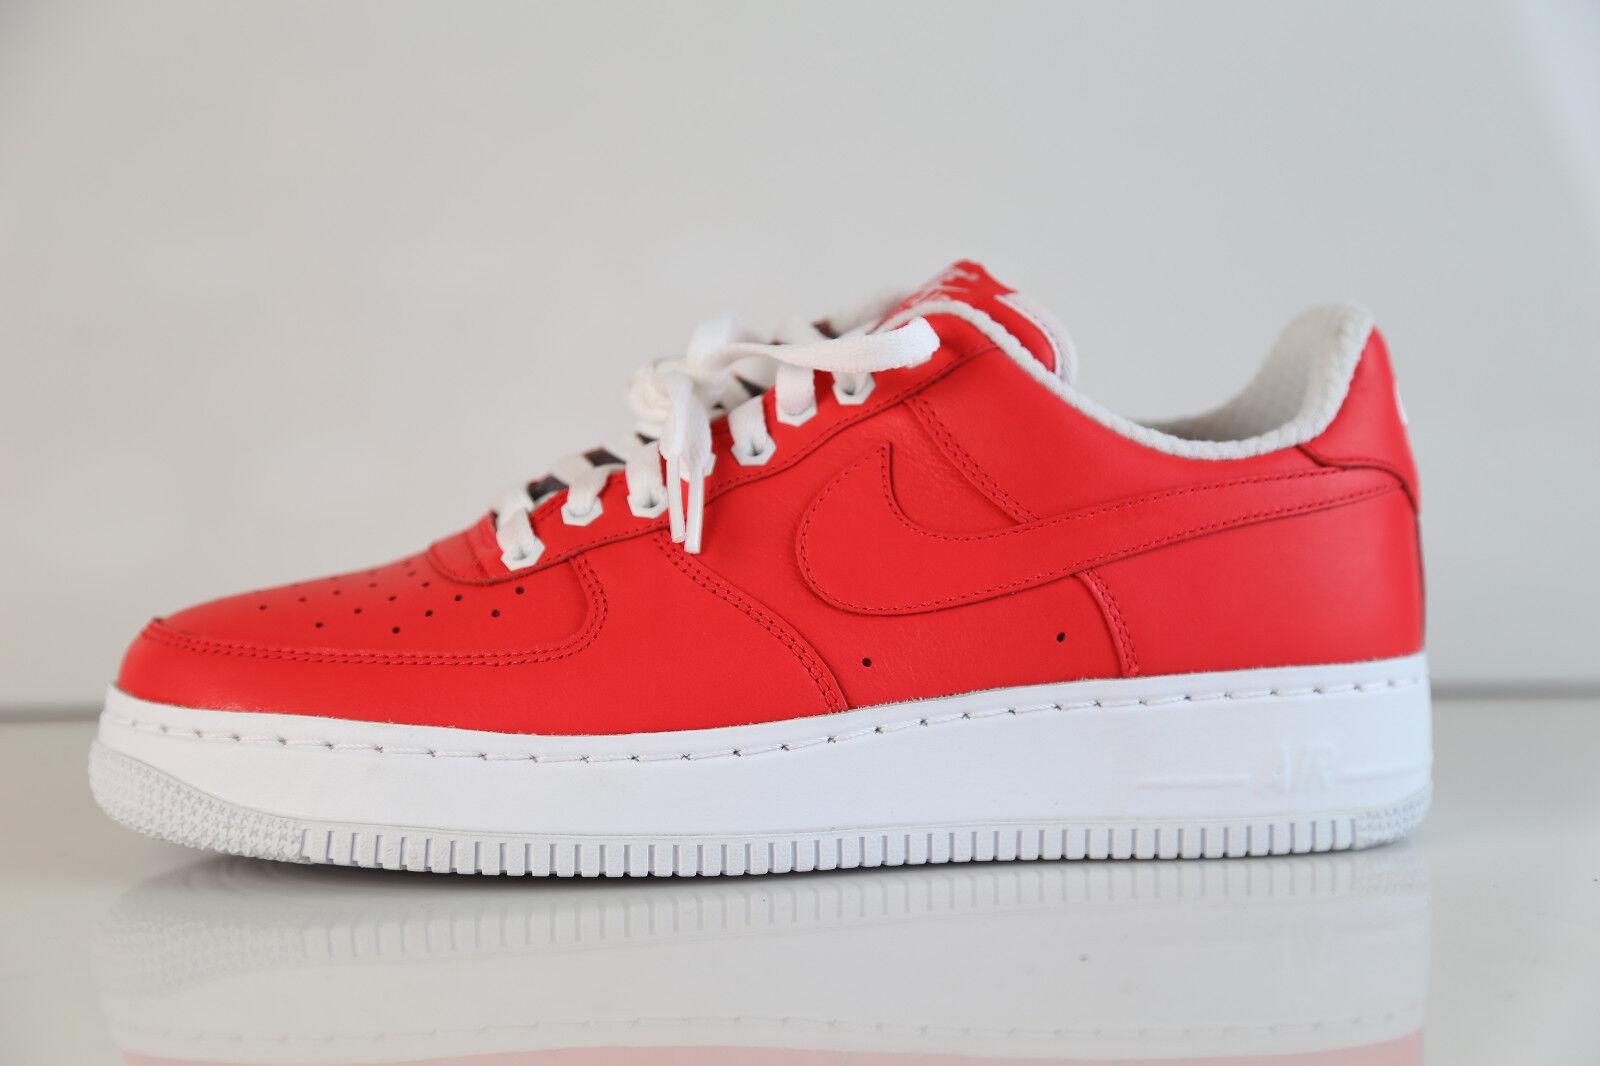 Nike air force 1 prm geringer solar - pink - rotes leder sz 10 af1 premium